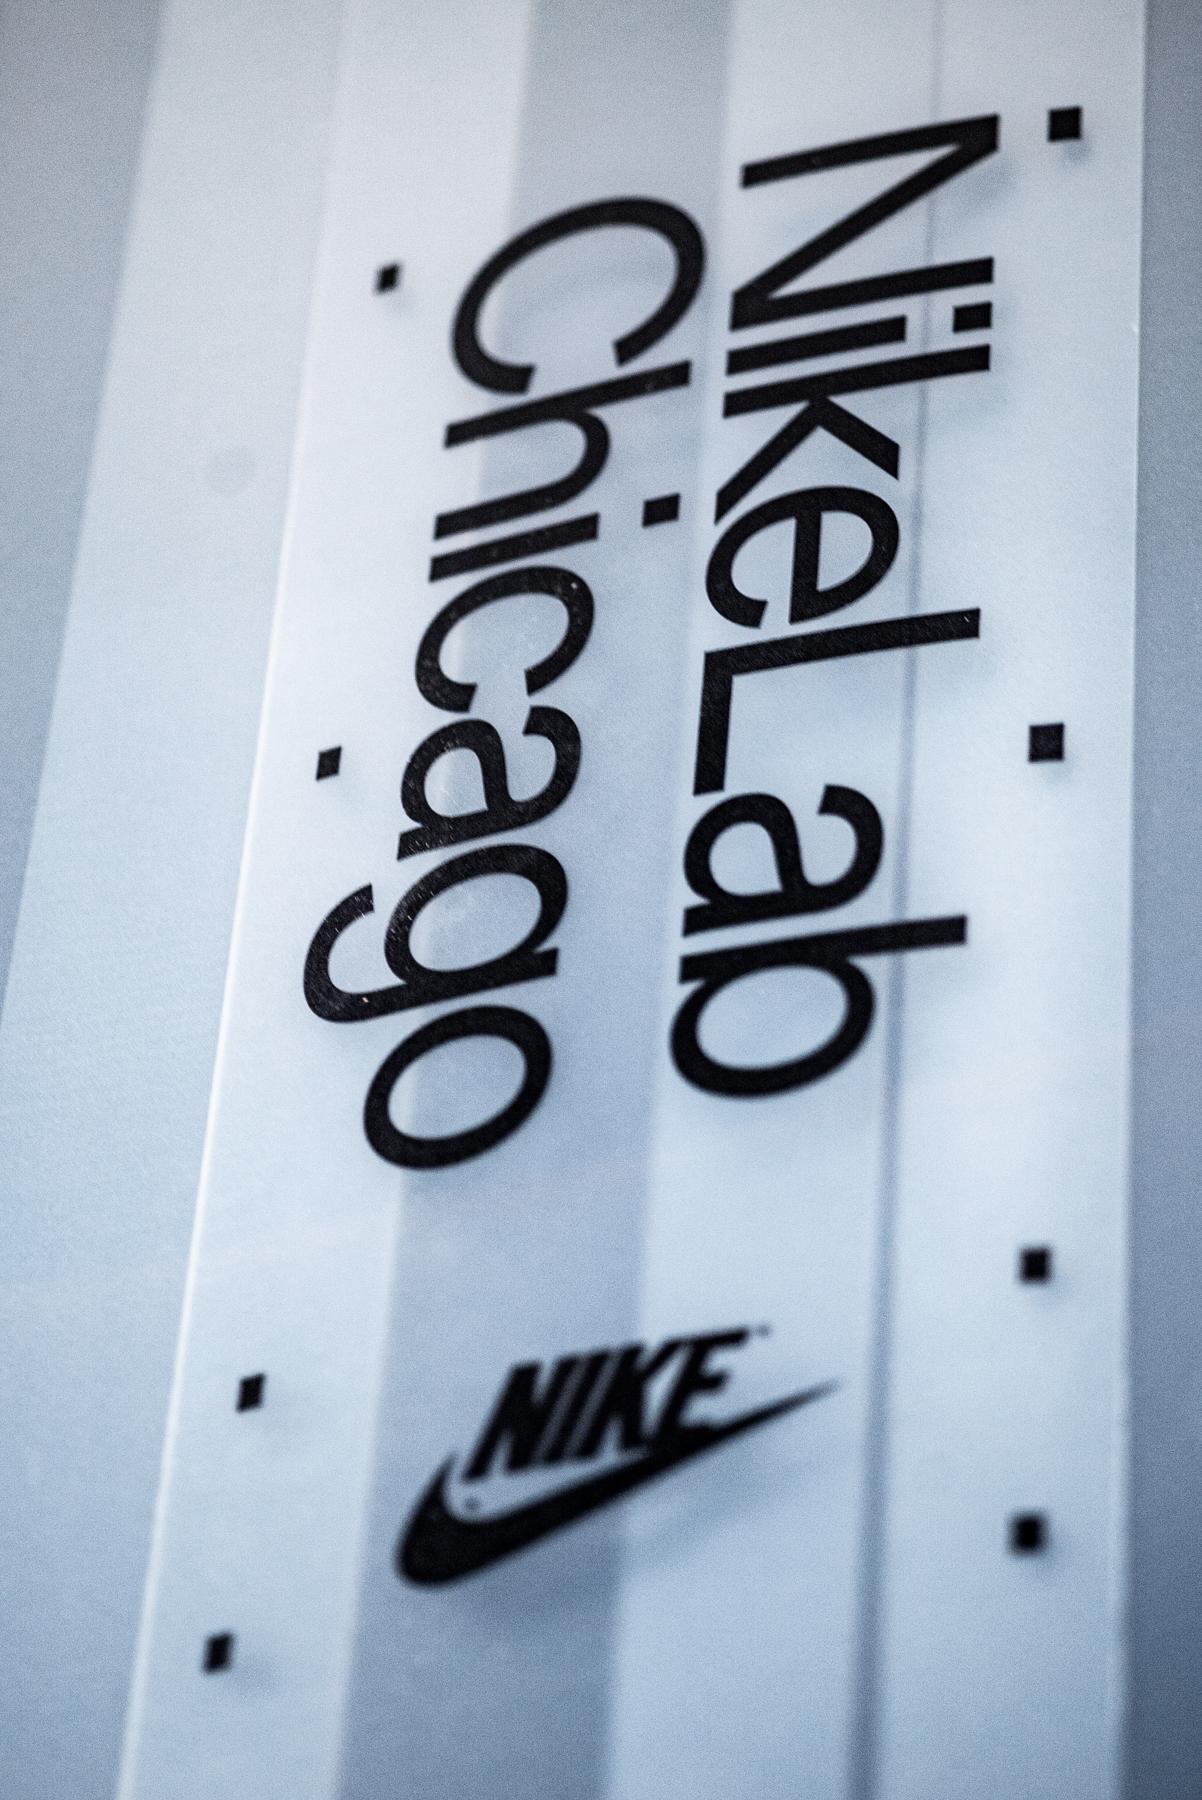 JFENSKE_10113_Satis_Nike_Relab__JTF2736_low_01.jpg